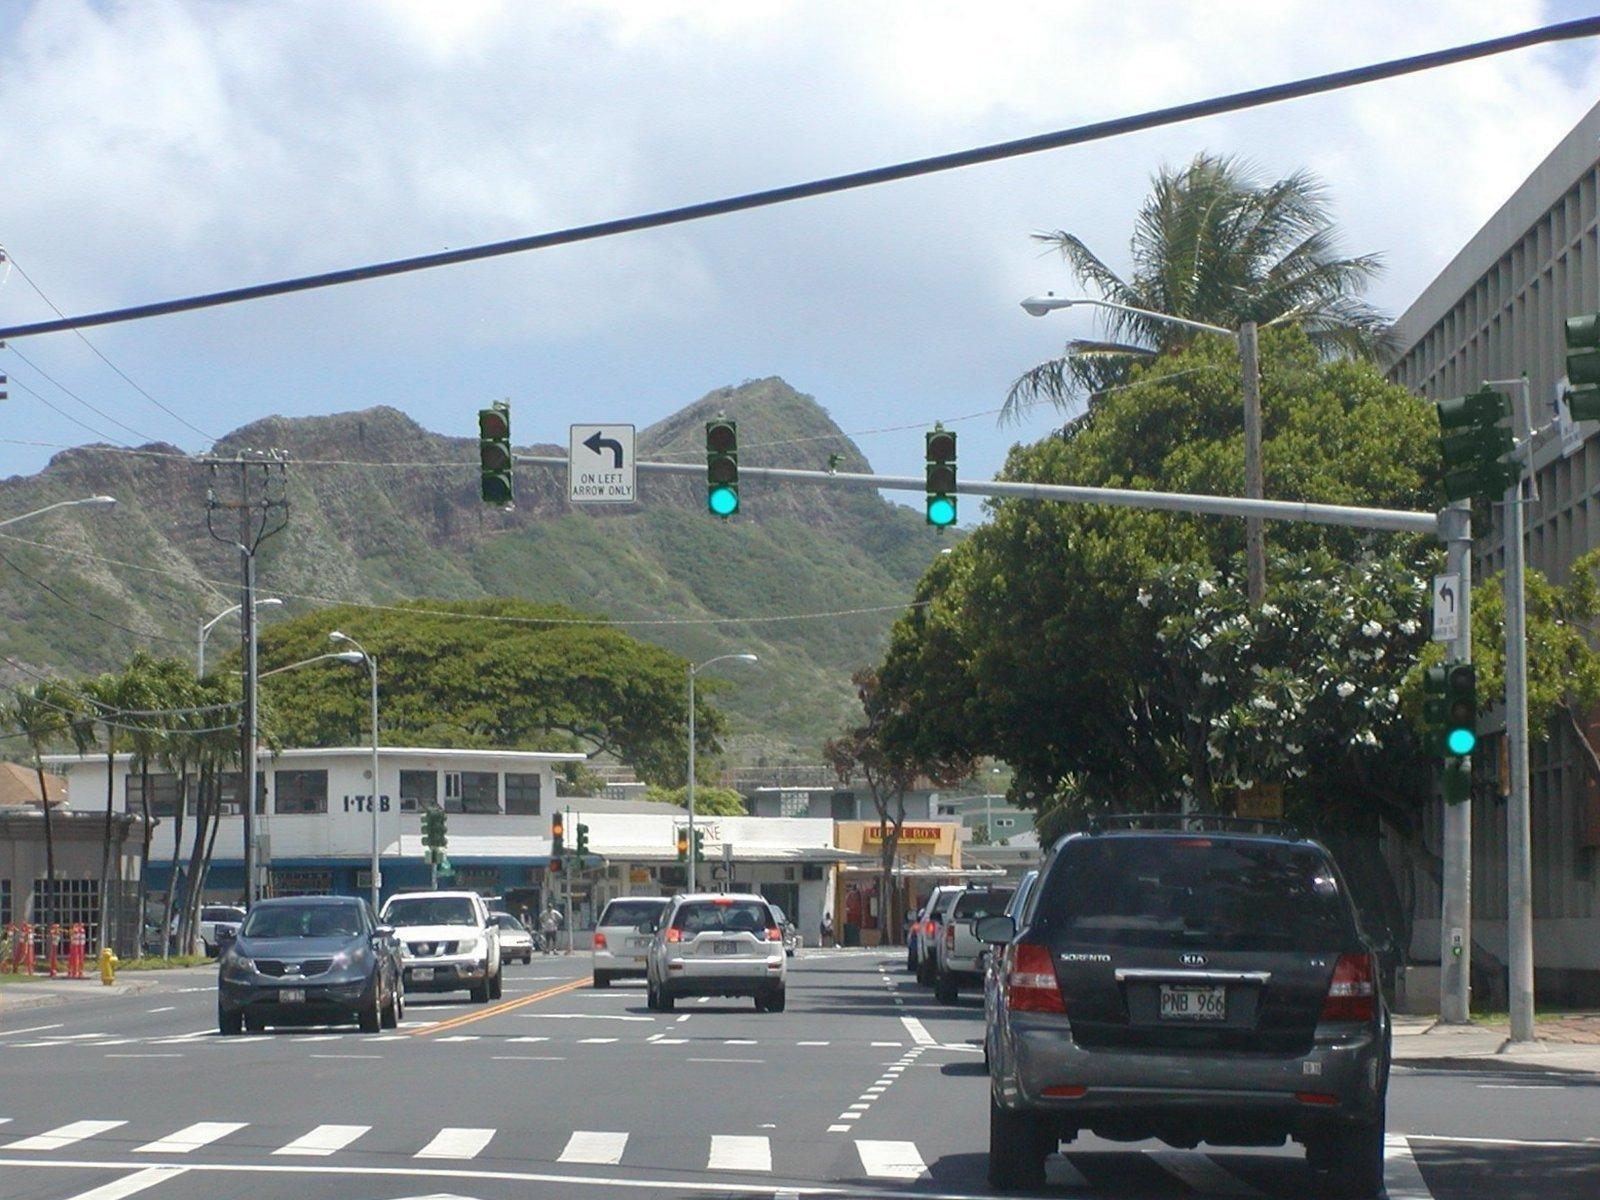 ハワイ 左ハンドル 右側通行